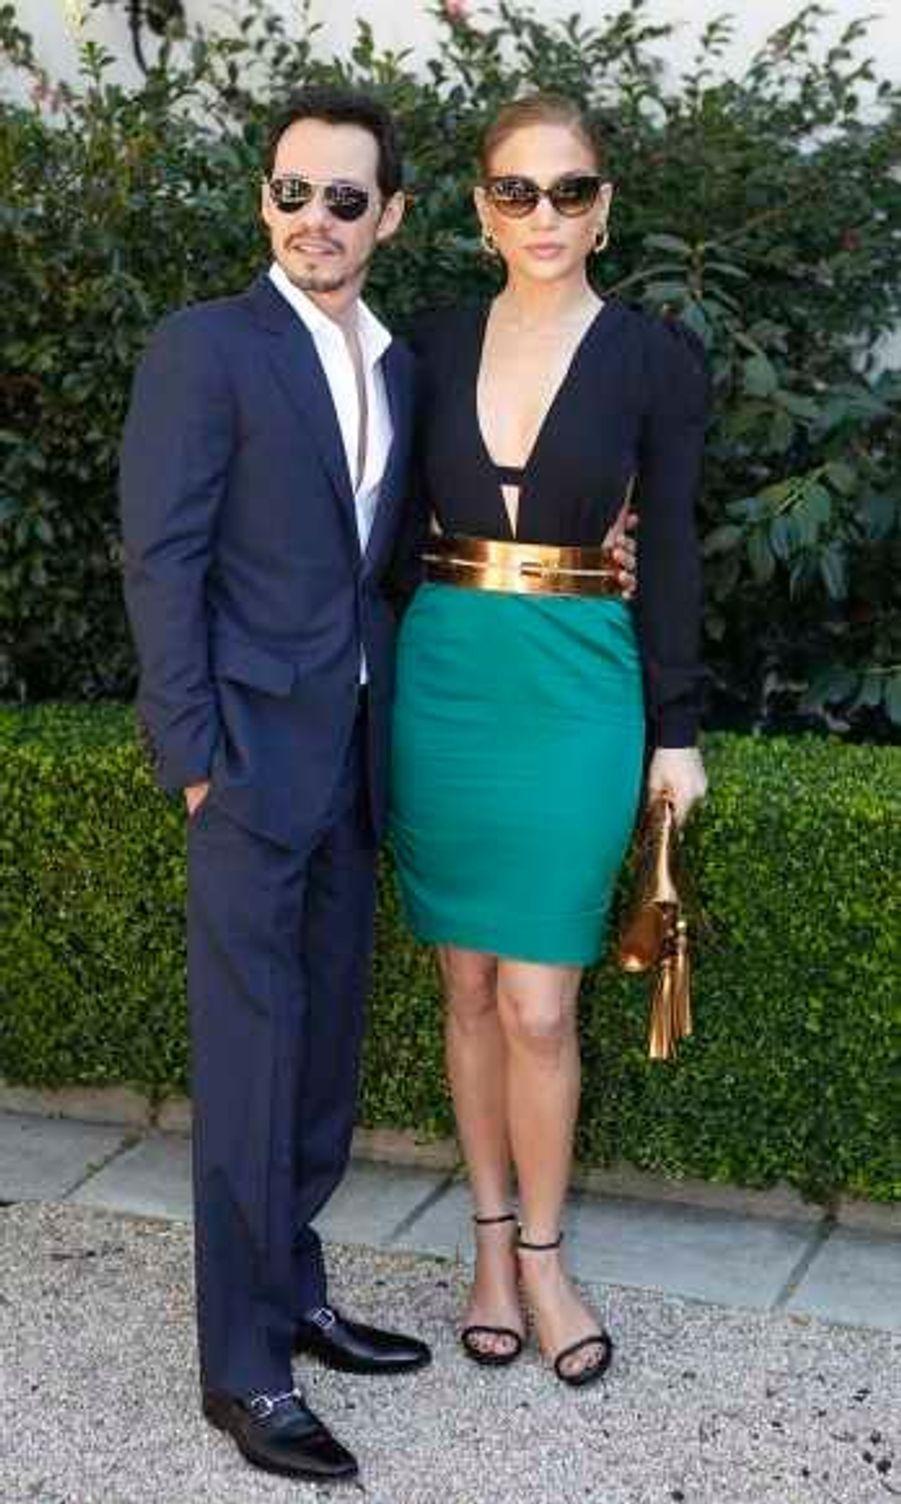 Accompagnée de son époux Marc Anthony, la belle chanteuse était radieuse, toute habillée de Gucci ainsi que son mari.